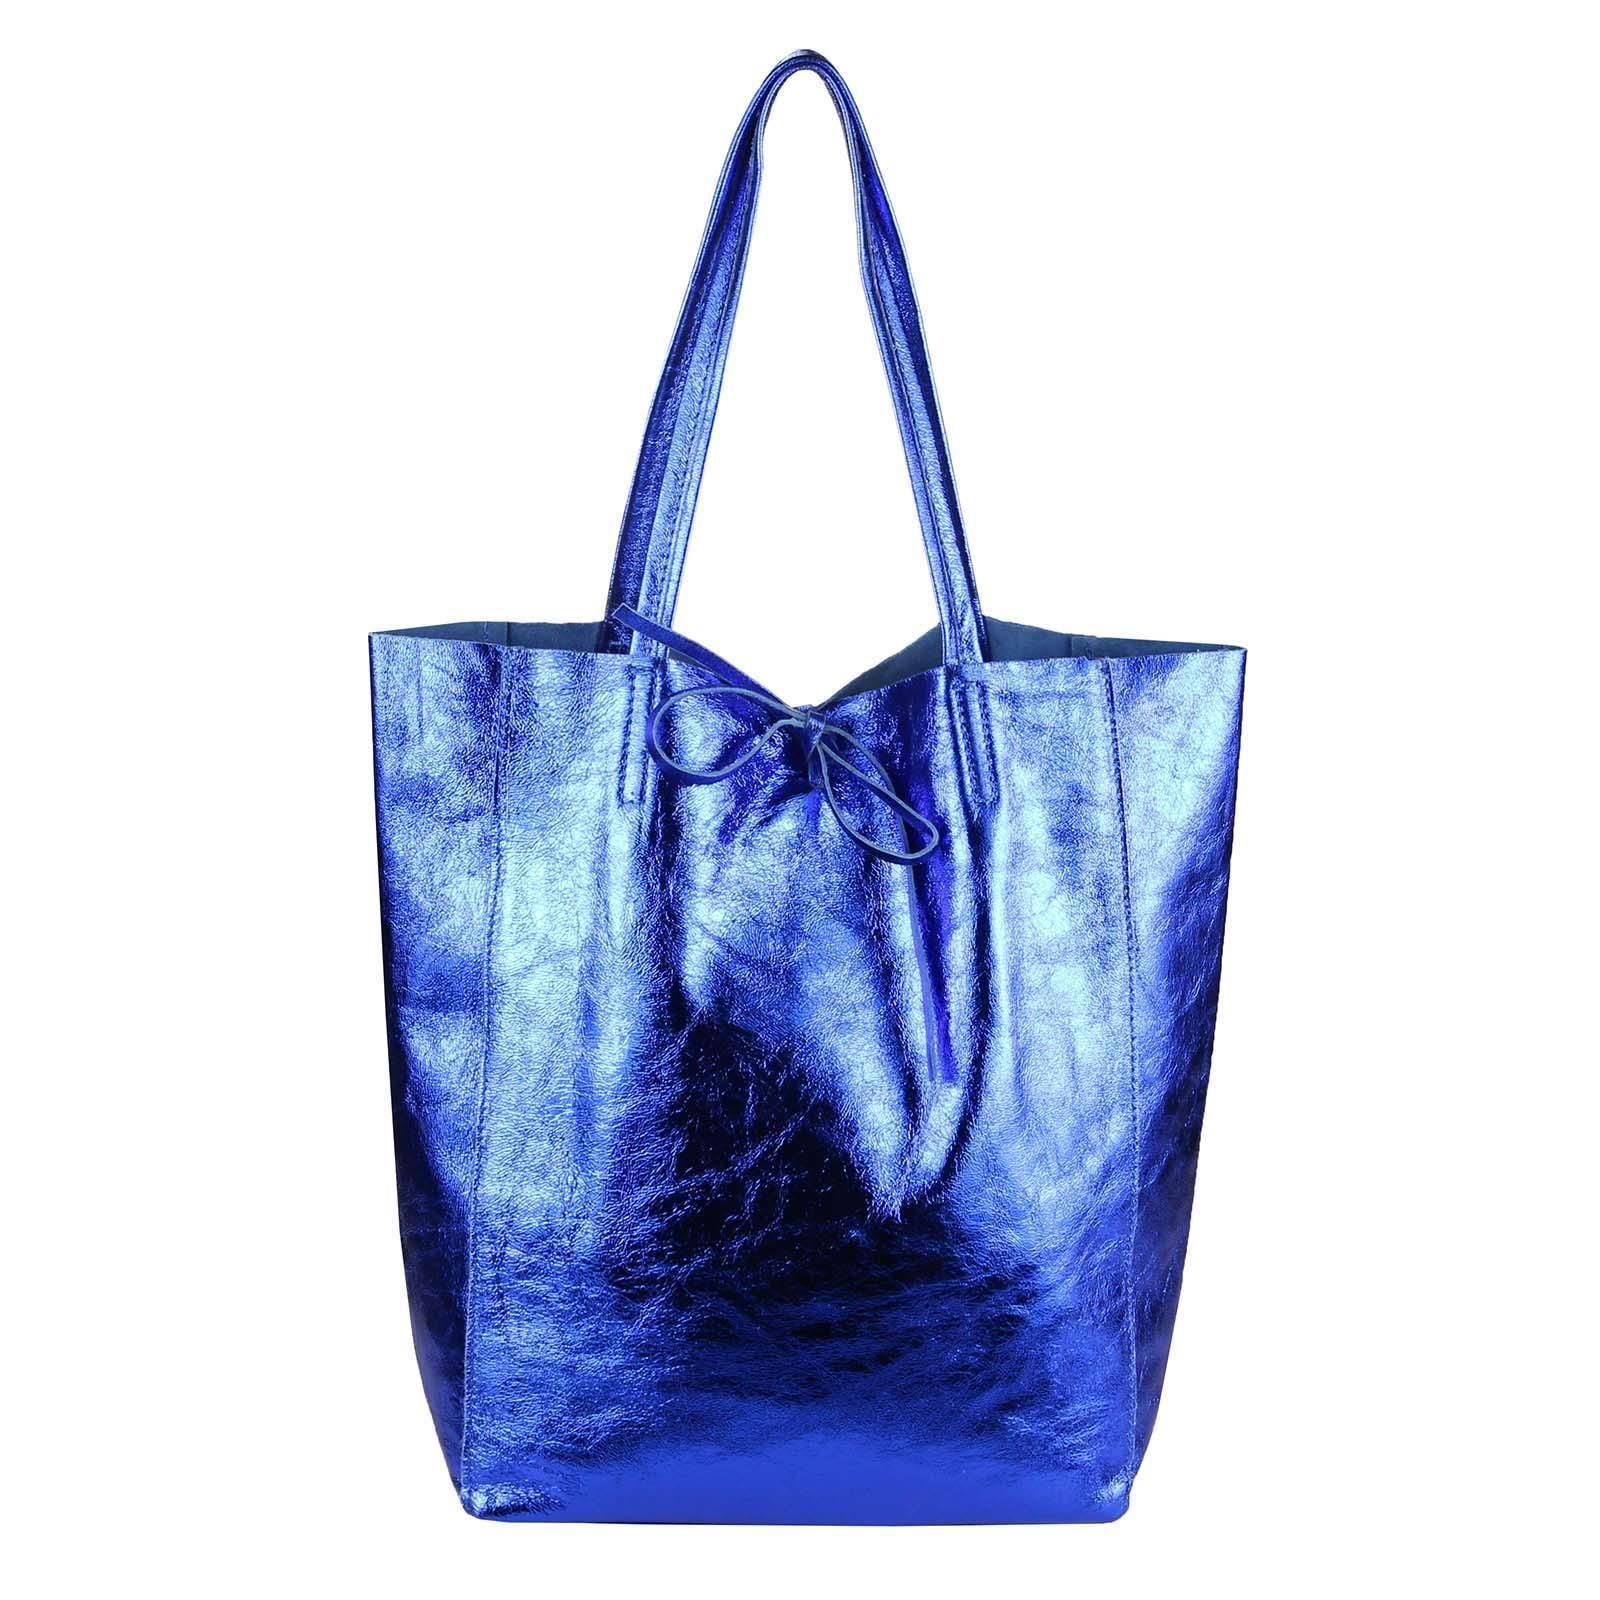 62eec21d829d0 OBC Made in Italy DAMEN LEDER TASCHE DIN-A4 Shopper Schultertasche  Henkeltasche Tote Bag